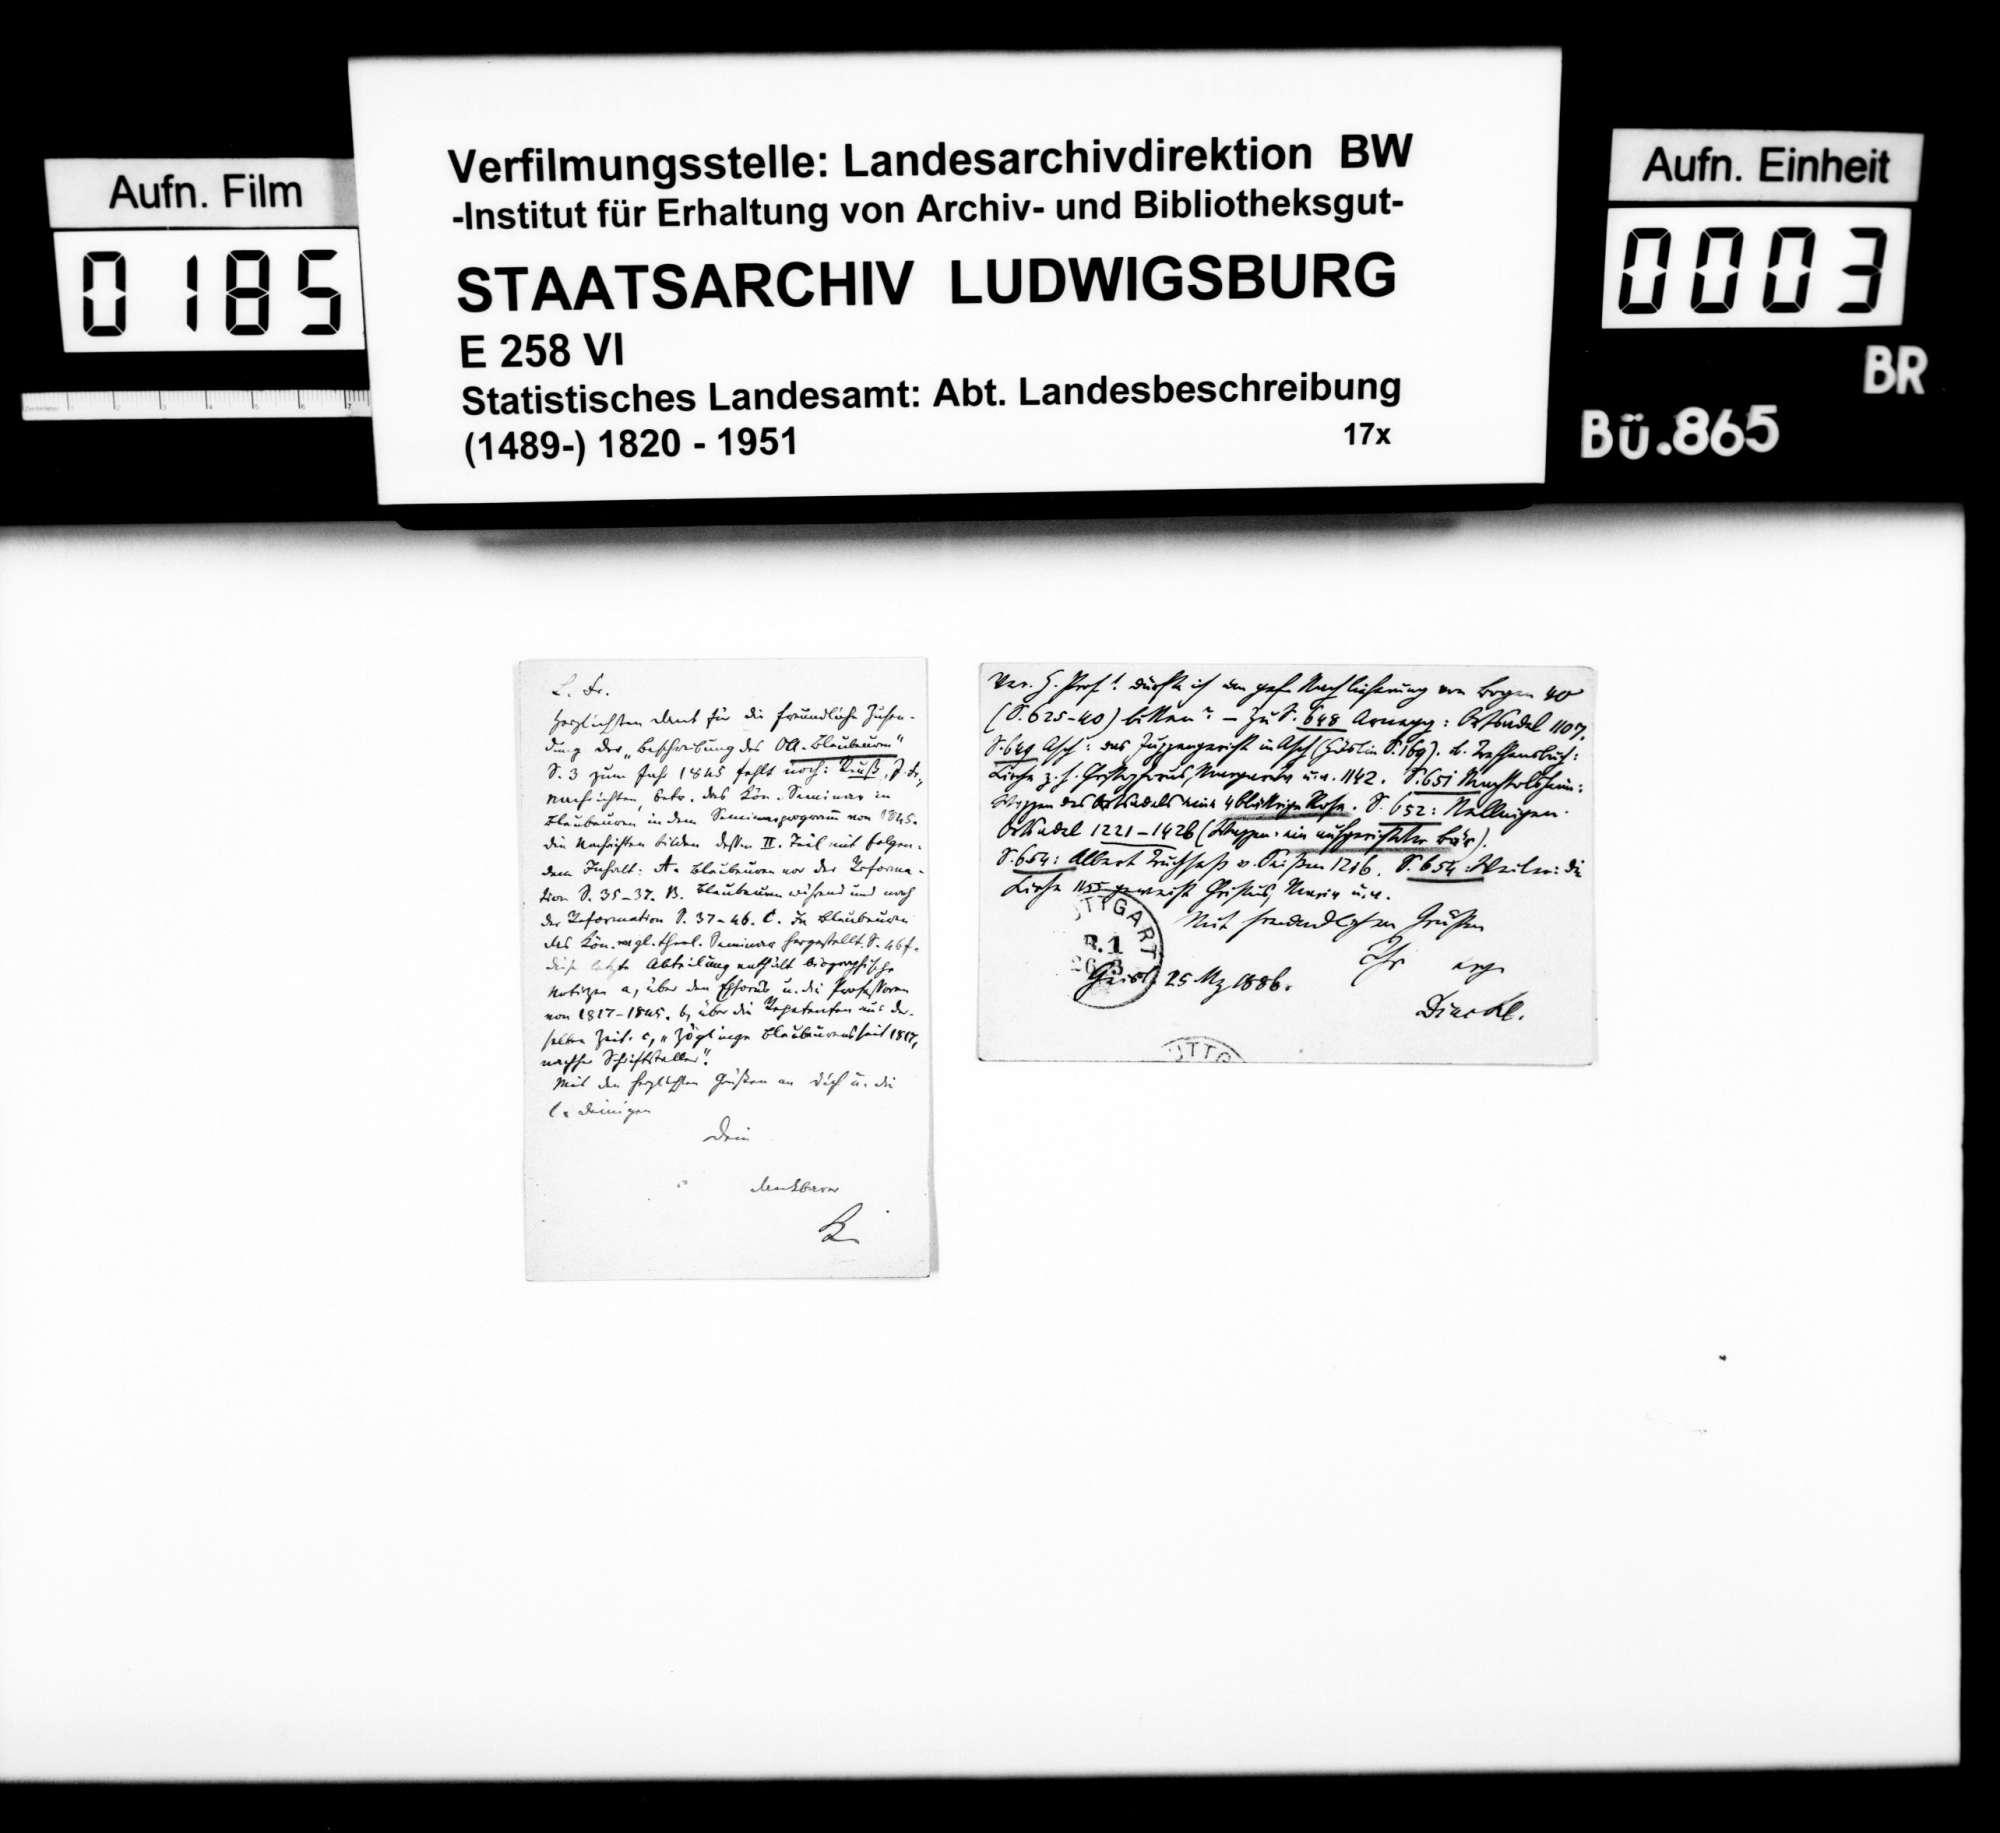 Materialsammlung des Statistischen Landesamts für eine Neubearbeitung der OAB, Bild 2